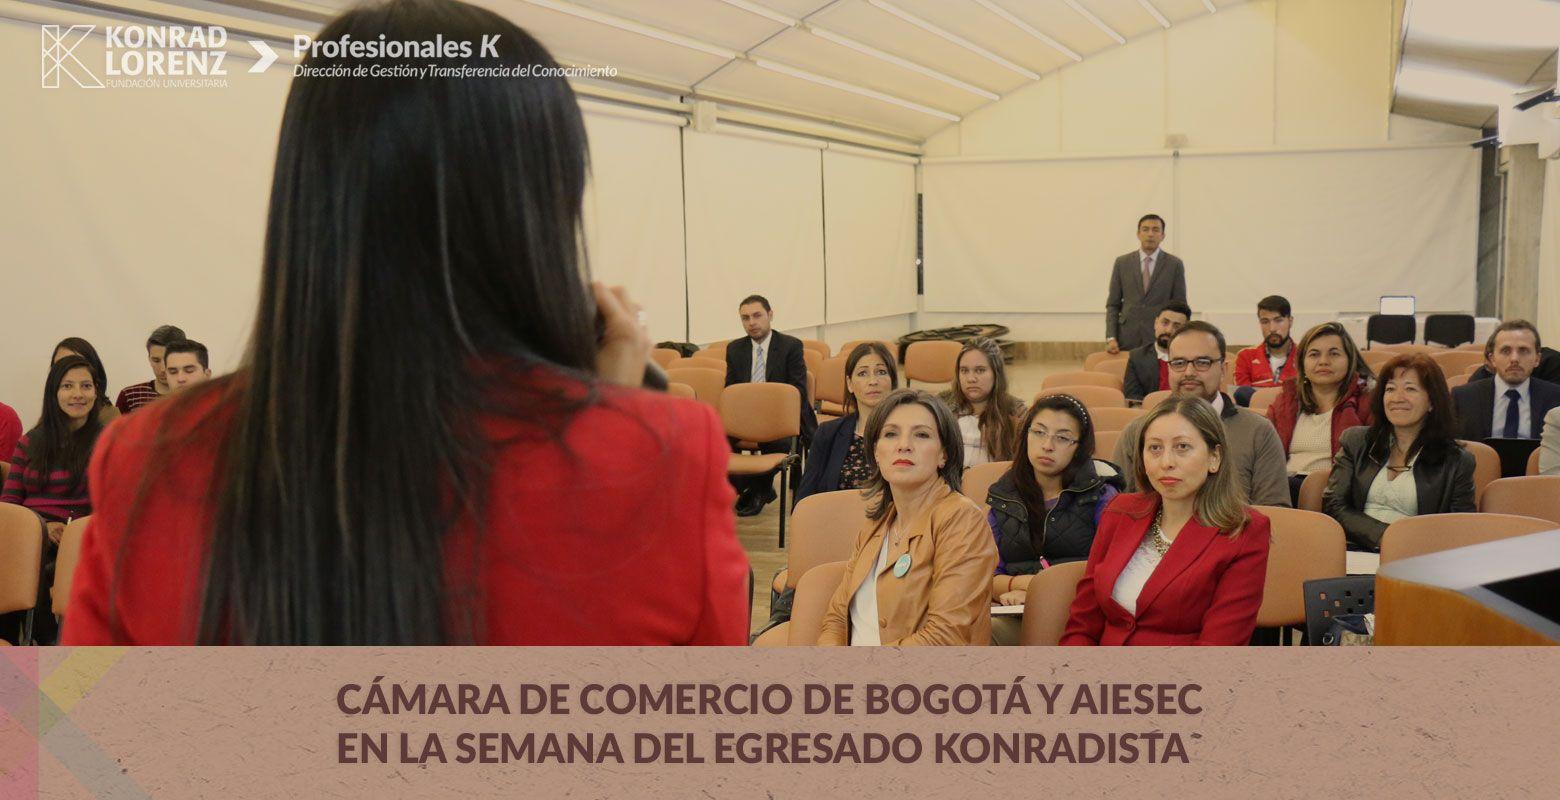 Cámara de Comercio de Bogotá y AIESEC en la Semana del egresado konradista